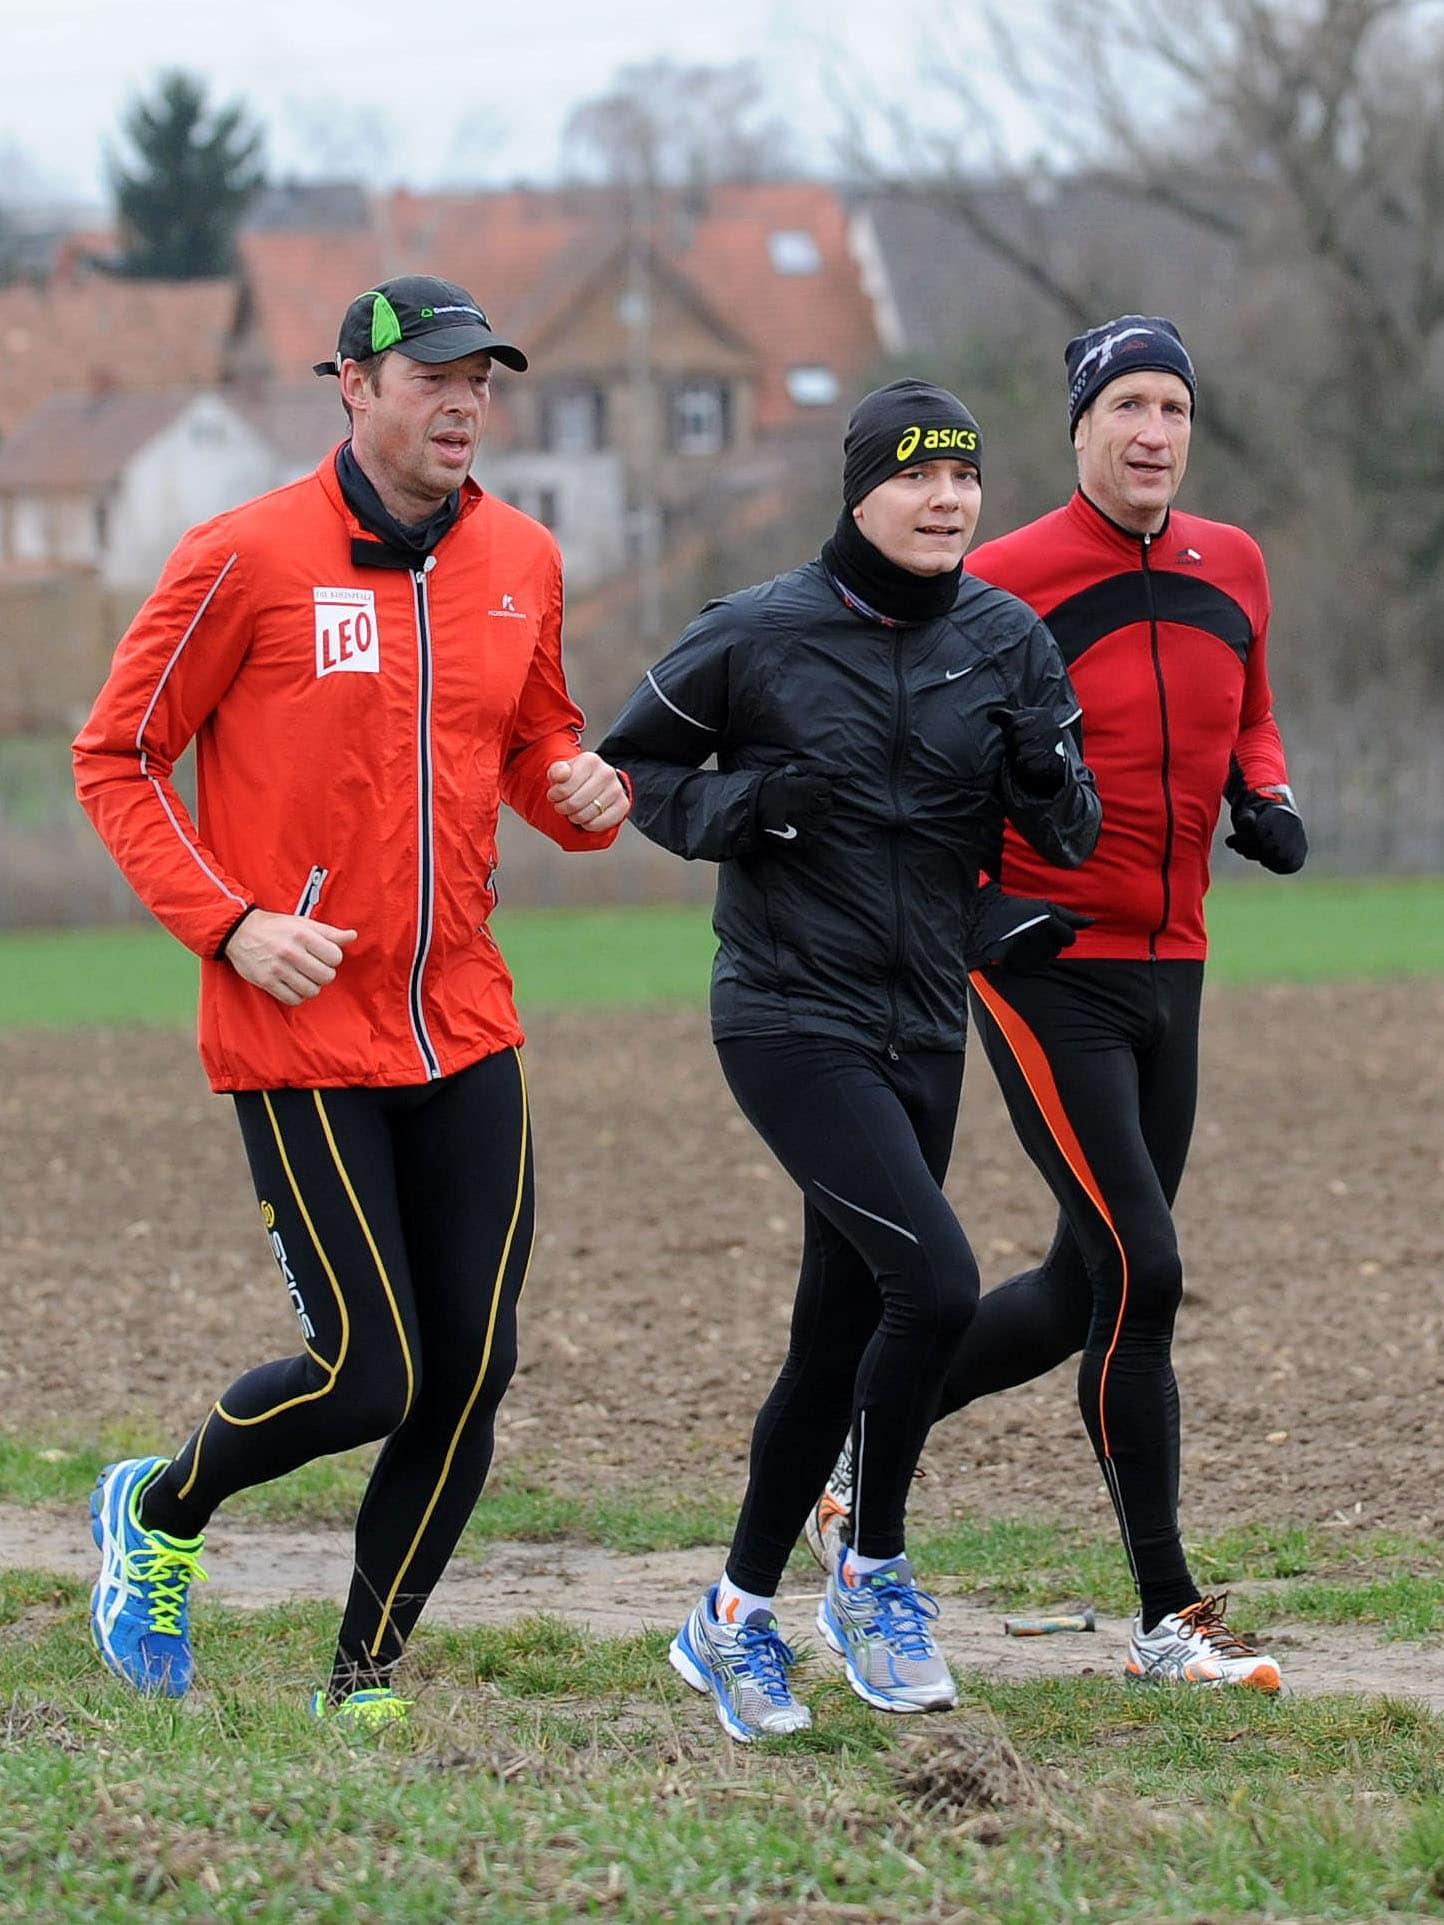 Der Marathonmann: Auch mit schmutzigen Socken gibt es Blasen